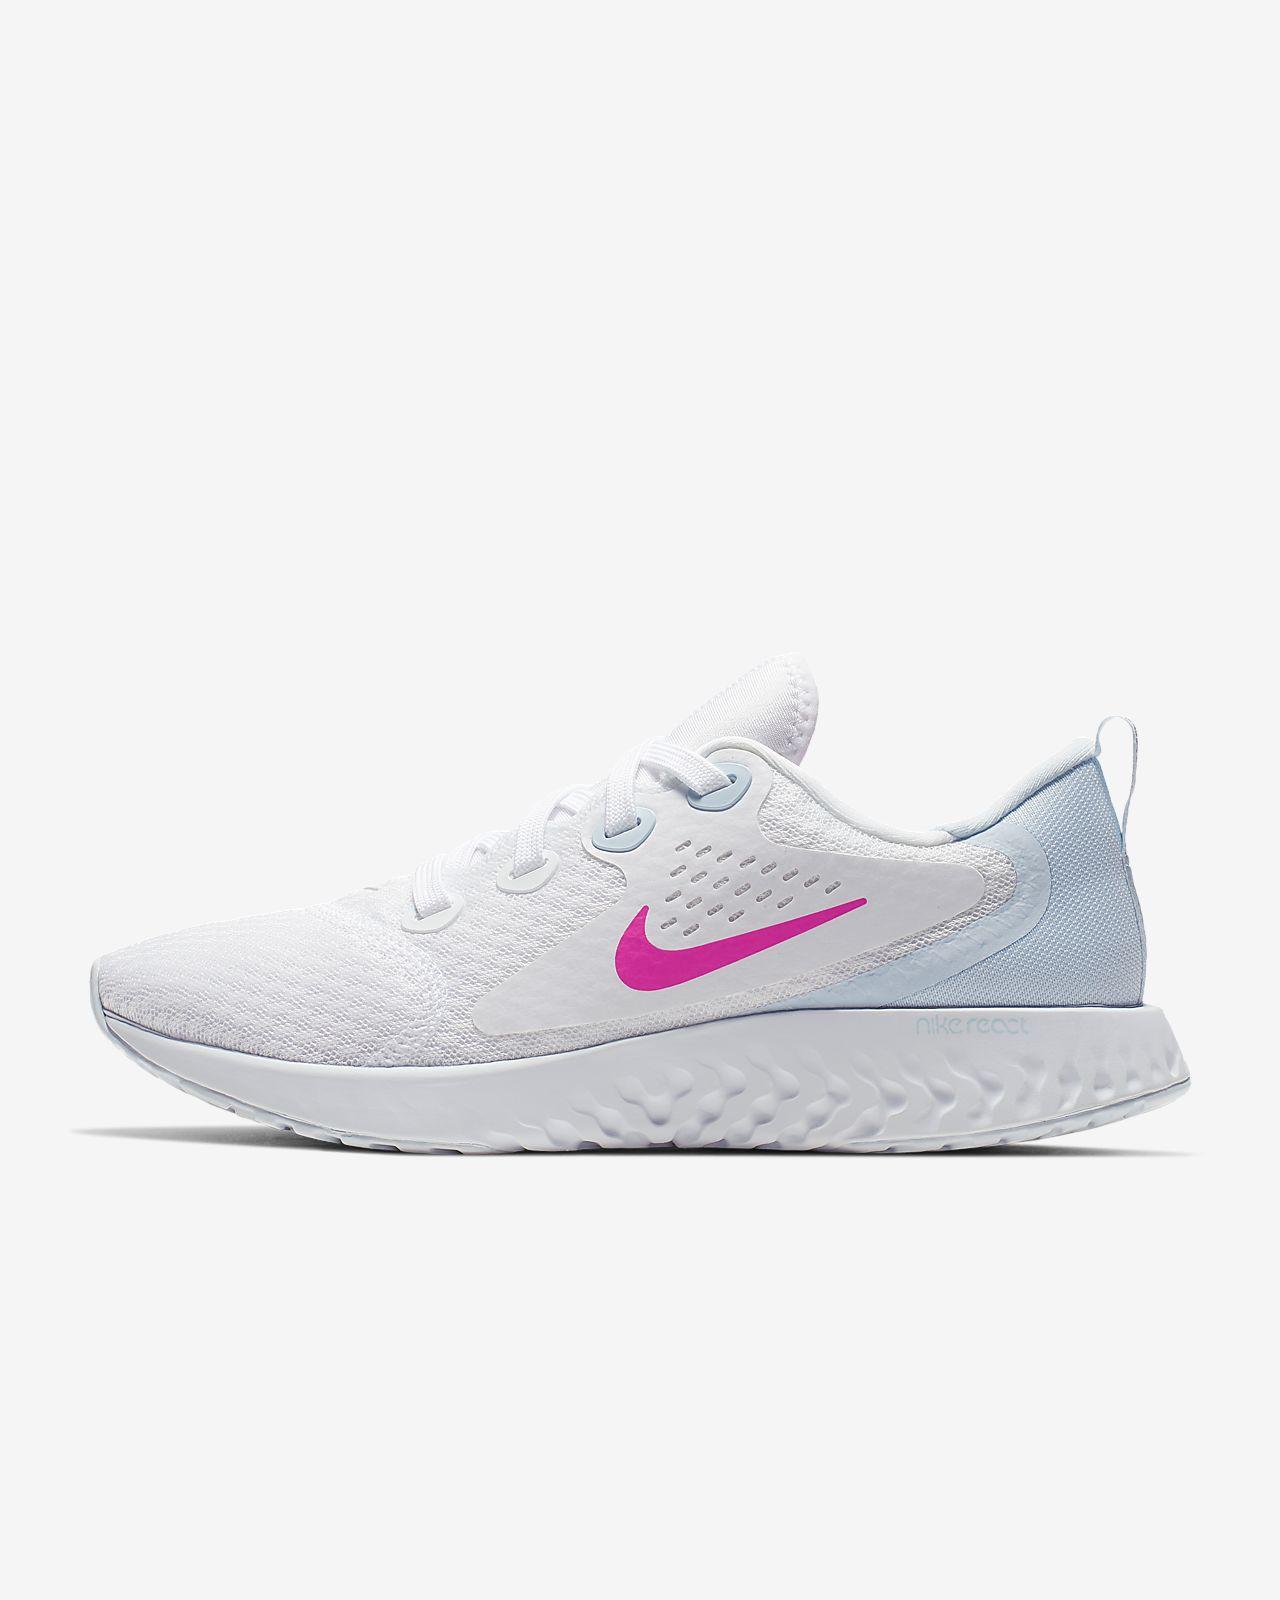 9412245d4fe Sapatilhas de running Nike Legend React para mulher. Nike.com PT